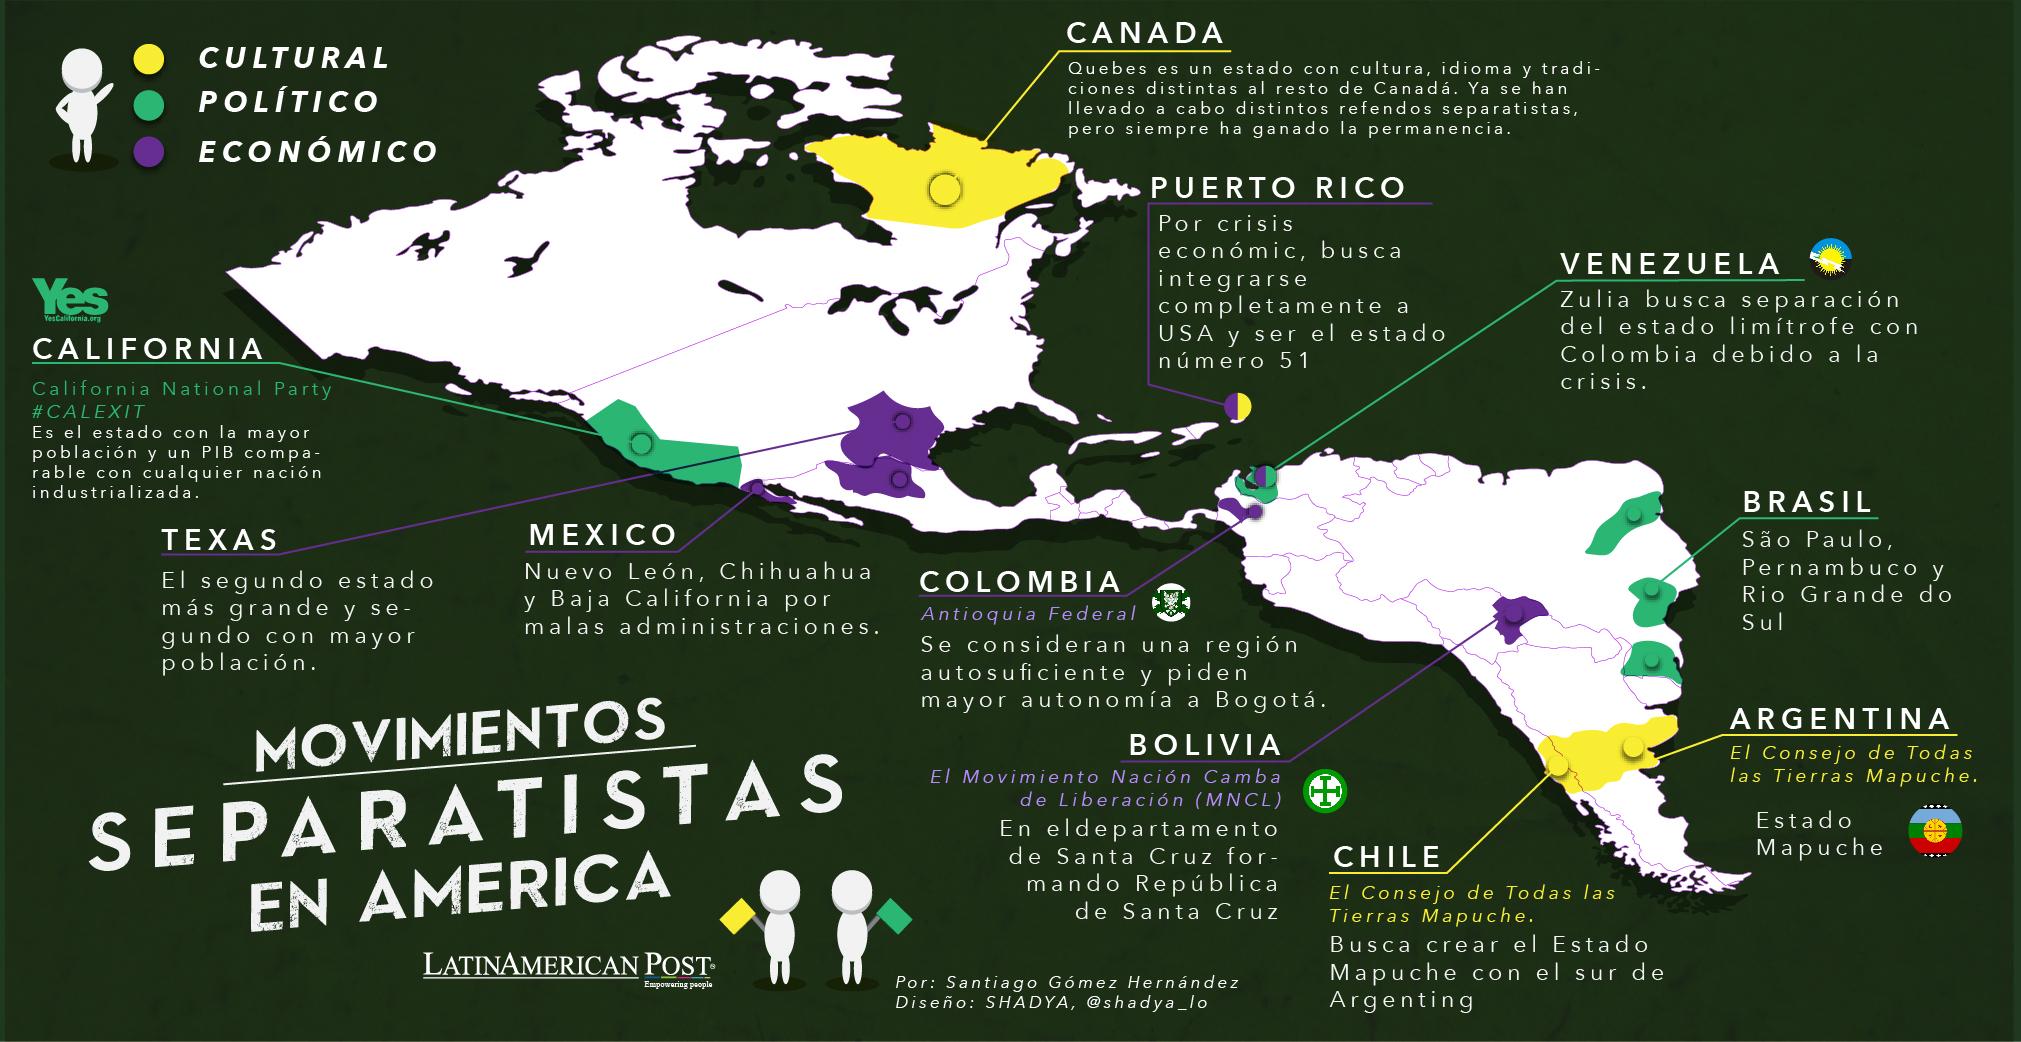 Movimientos separatistas en América (Infografía) - LatinAmerican Post